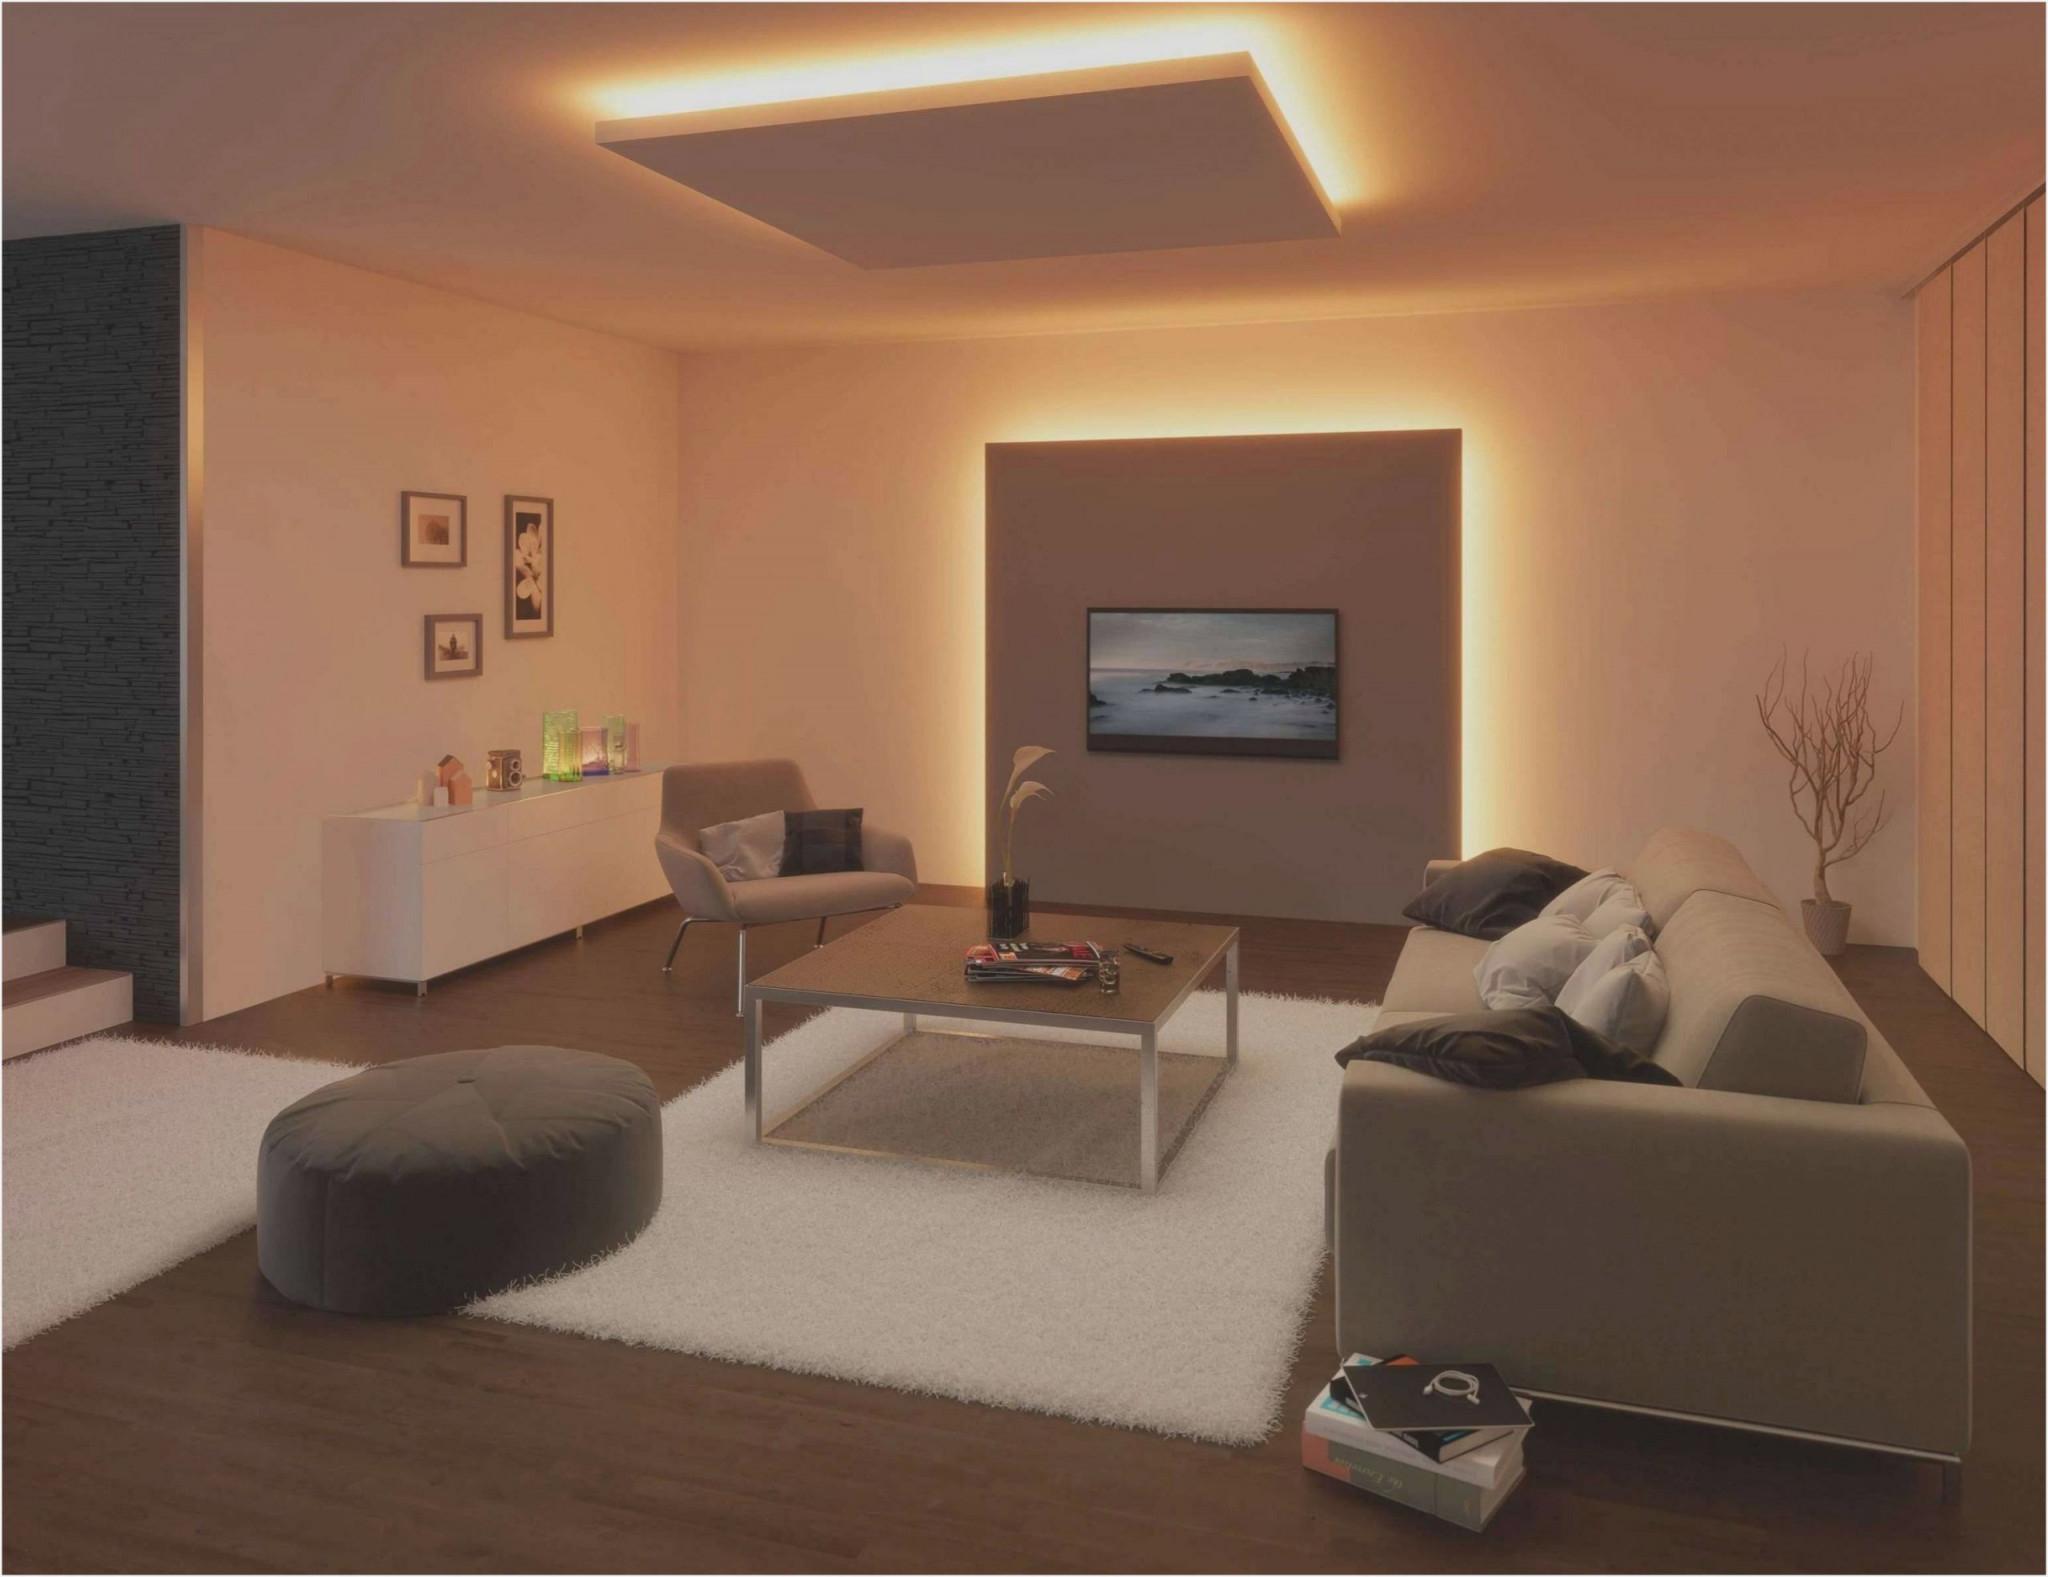 Wohnzimmer Ideen Antik Modern  Wohnzimmer  Traumhaus von Moderne Wohnzimmer Ideen Photo